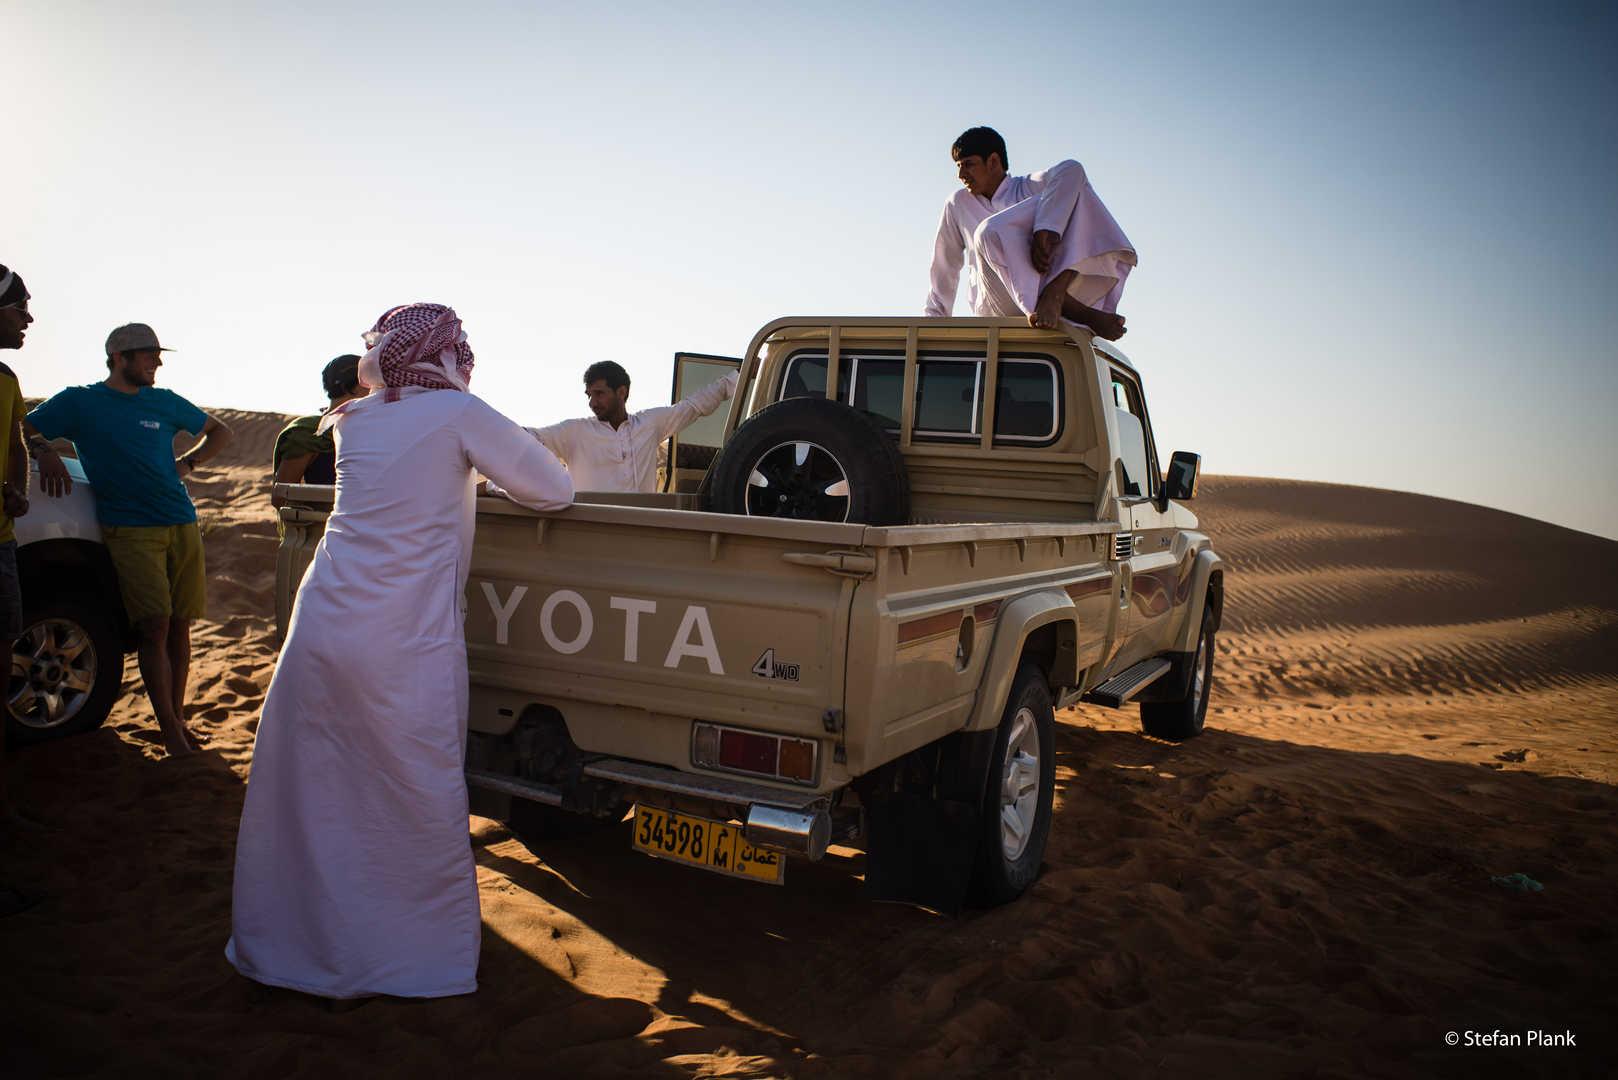 Absleppdienst falls wir im Wüstensand stecken bleiben